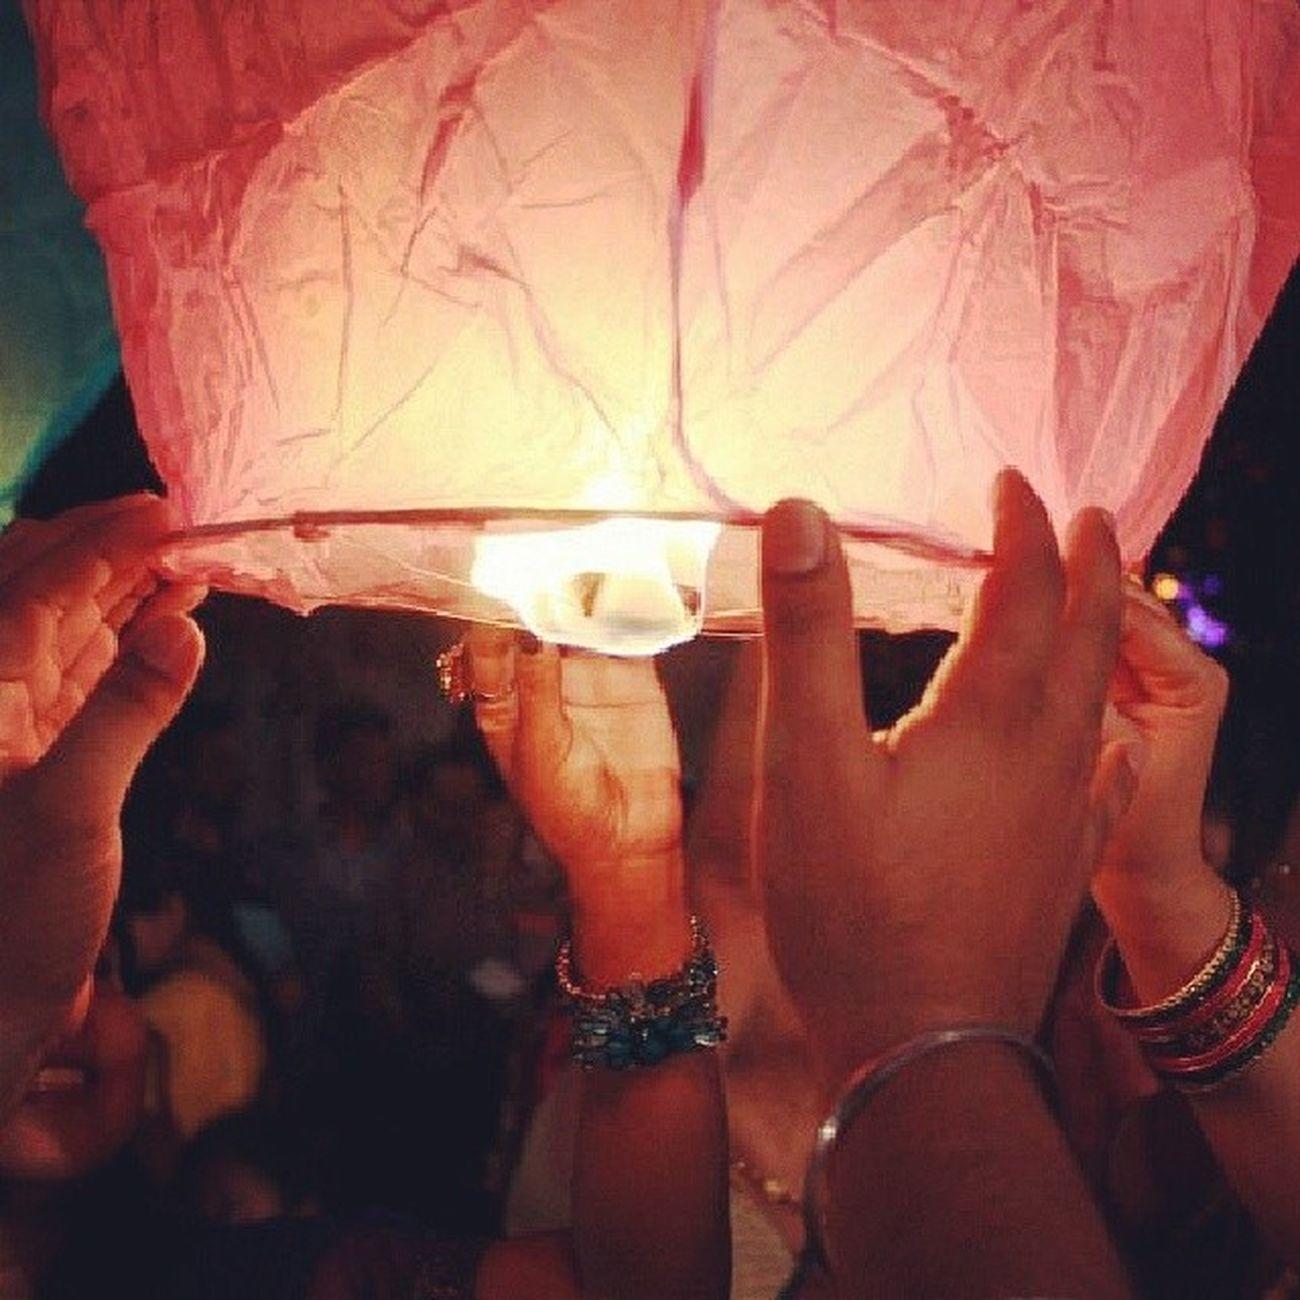 Gudipadwa Lantern NewYear Talaopali Thane Instagram Instamoment